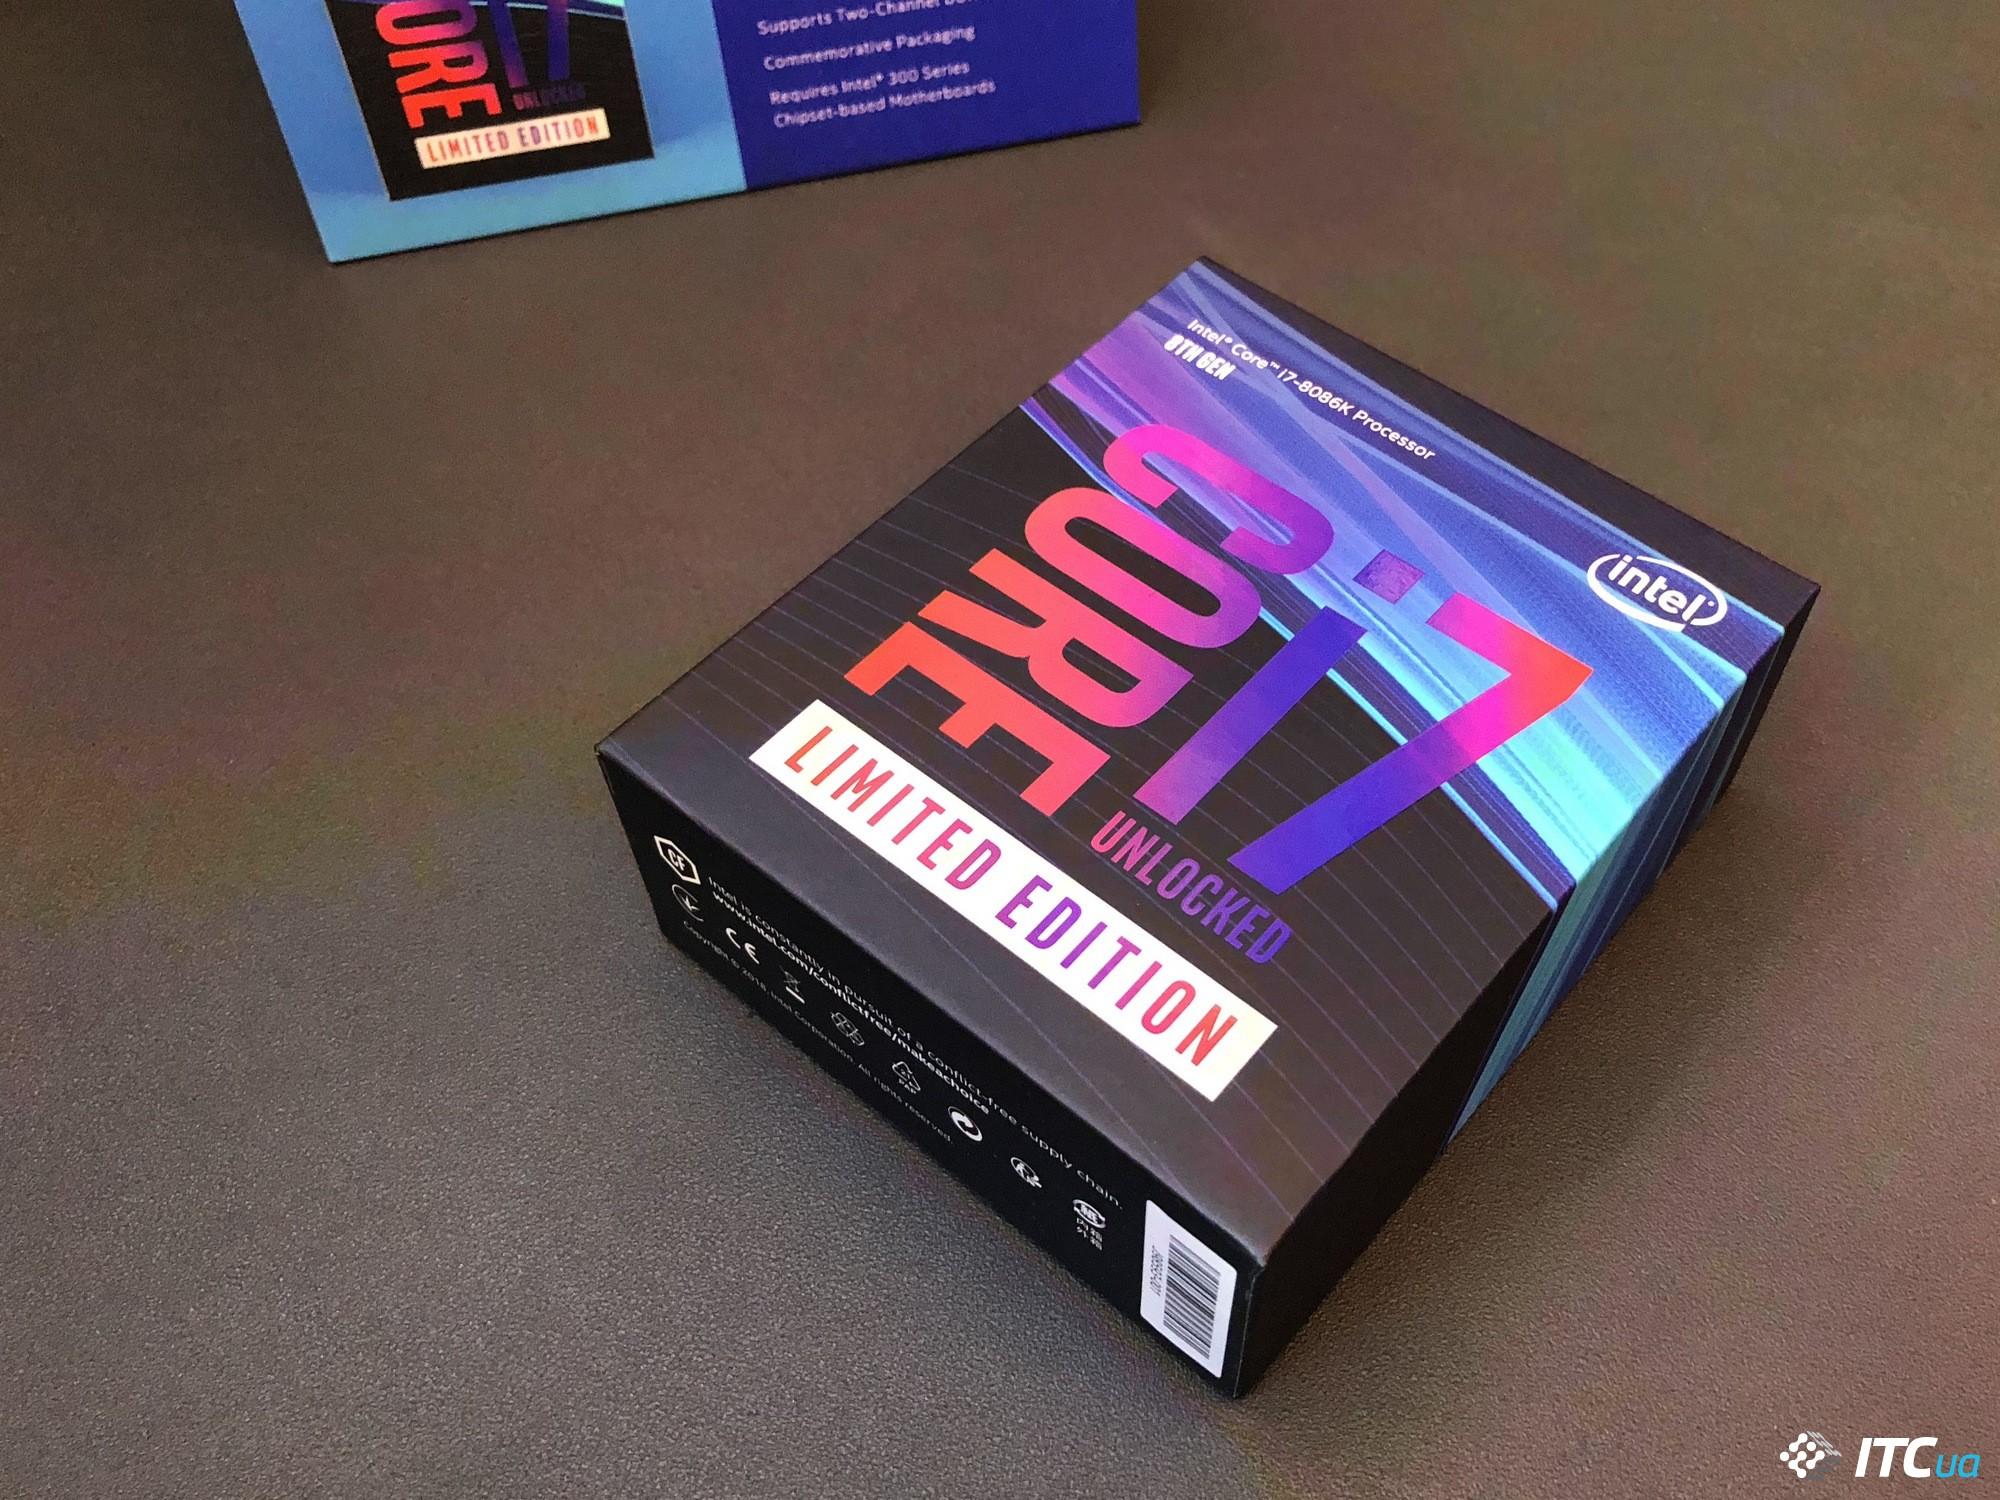 ee7107bfa6b9 Шестиядерный Core i7-8086K был представлен Intel по случаю 40-летнего  юбилея процессора 8086. Чип функционально ничем не отличается от топовой  модели Core ...